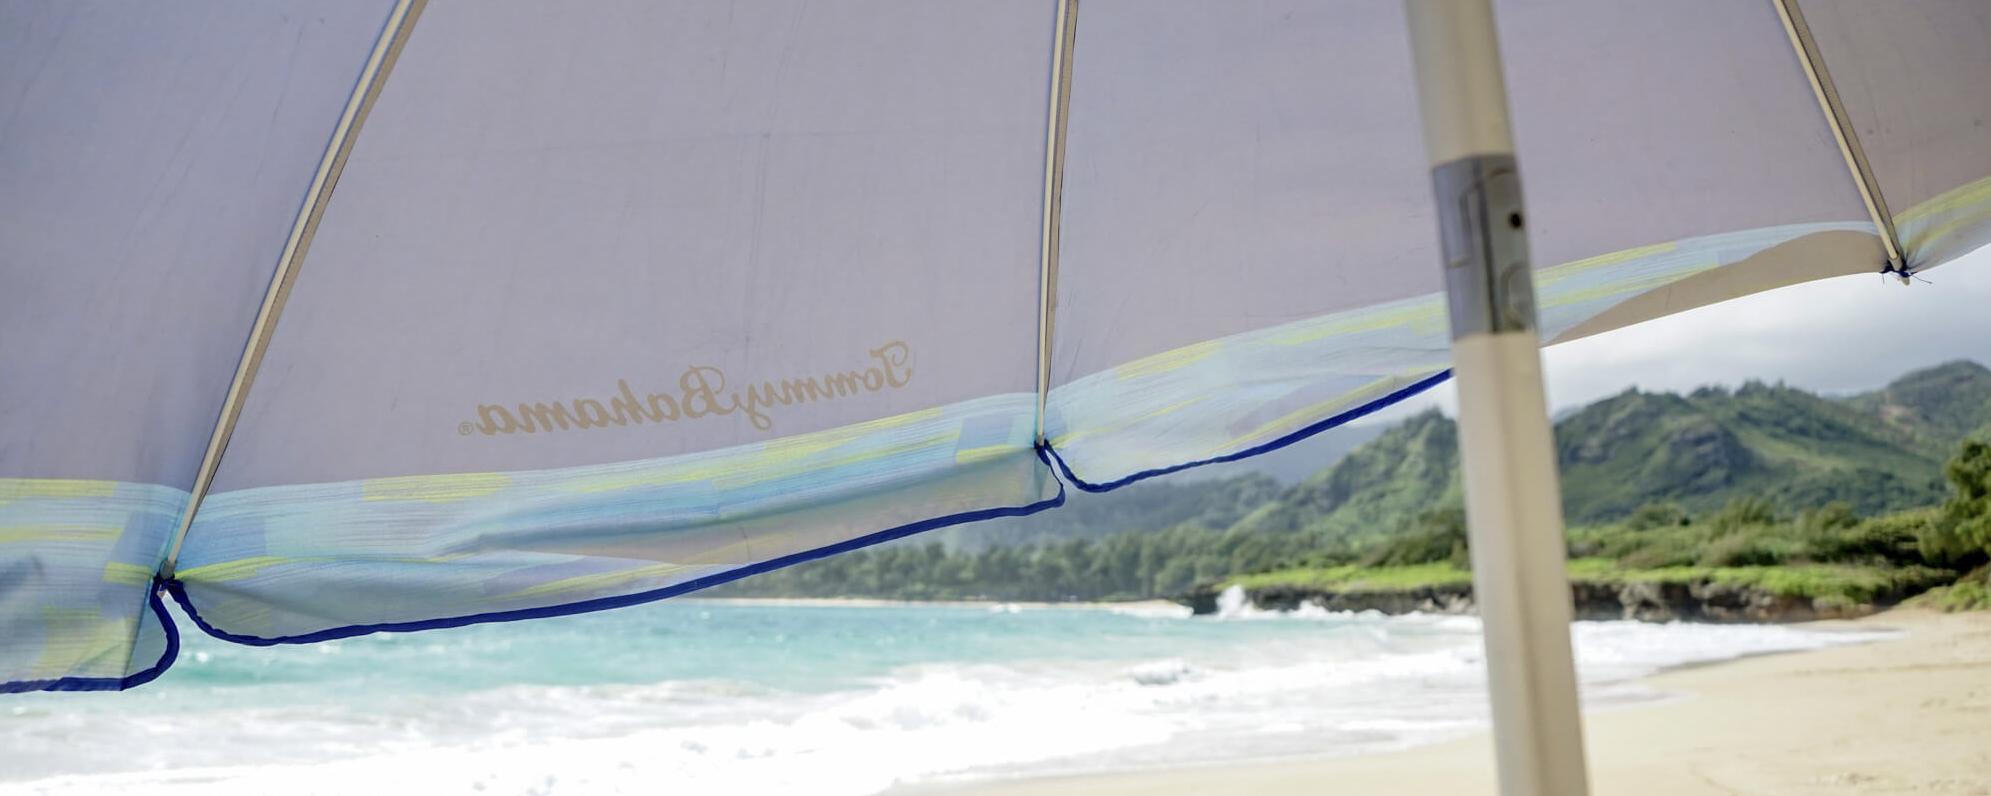 Oahu Beach Umbrella Rentals